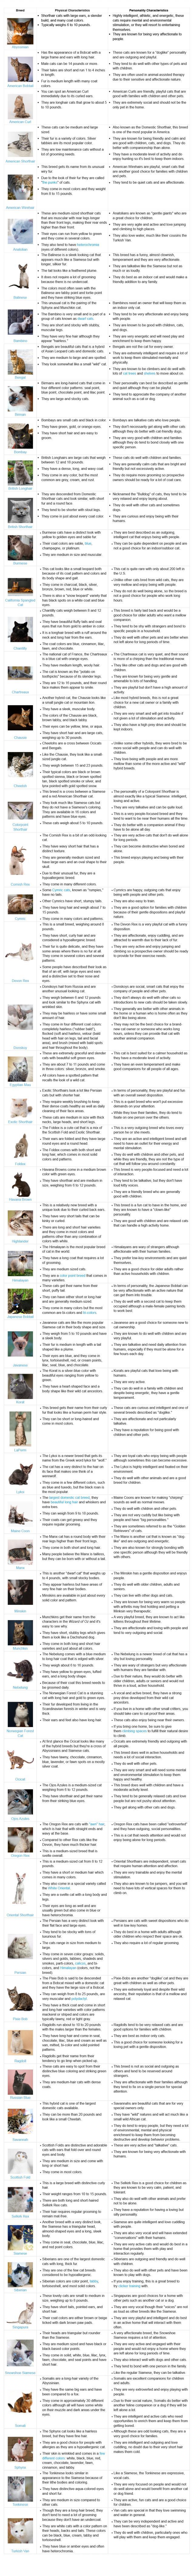 Top Cat Breed Characteristics Chart | LoveToKnow